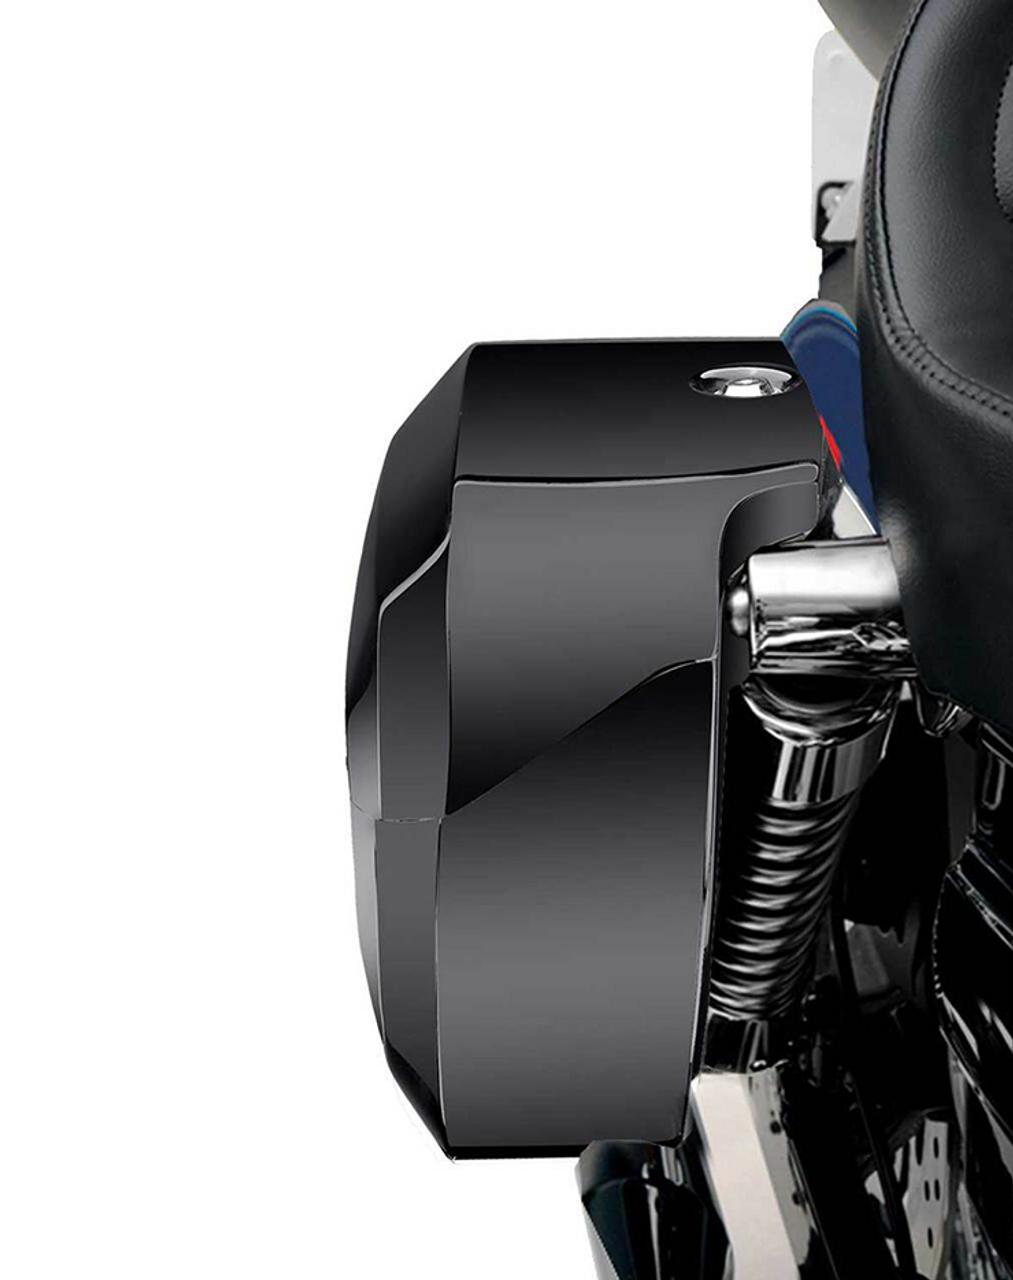 Kawasaki Vulcan 900 Custom Viking Lamellar Large Spear Shock Cutout Hard Saddlebags Shock Cutout View